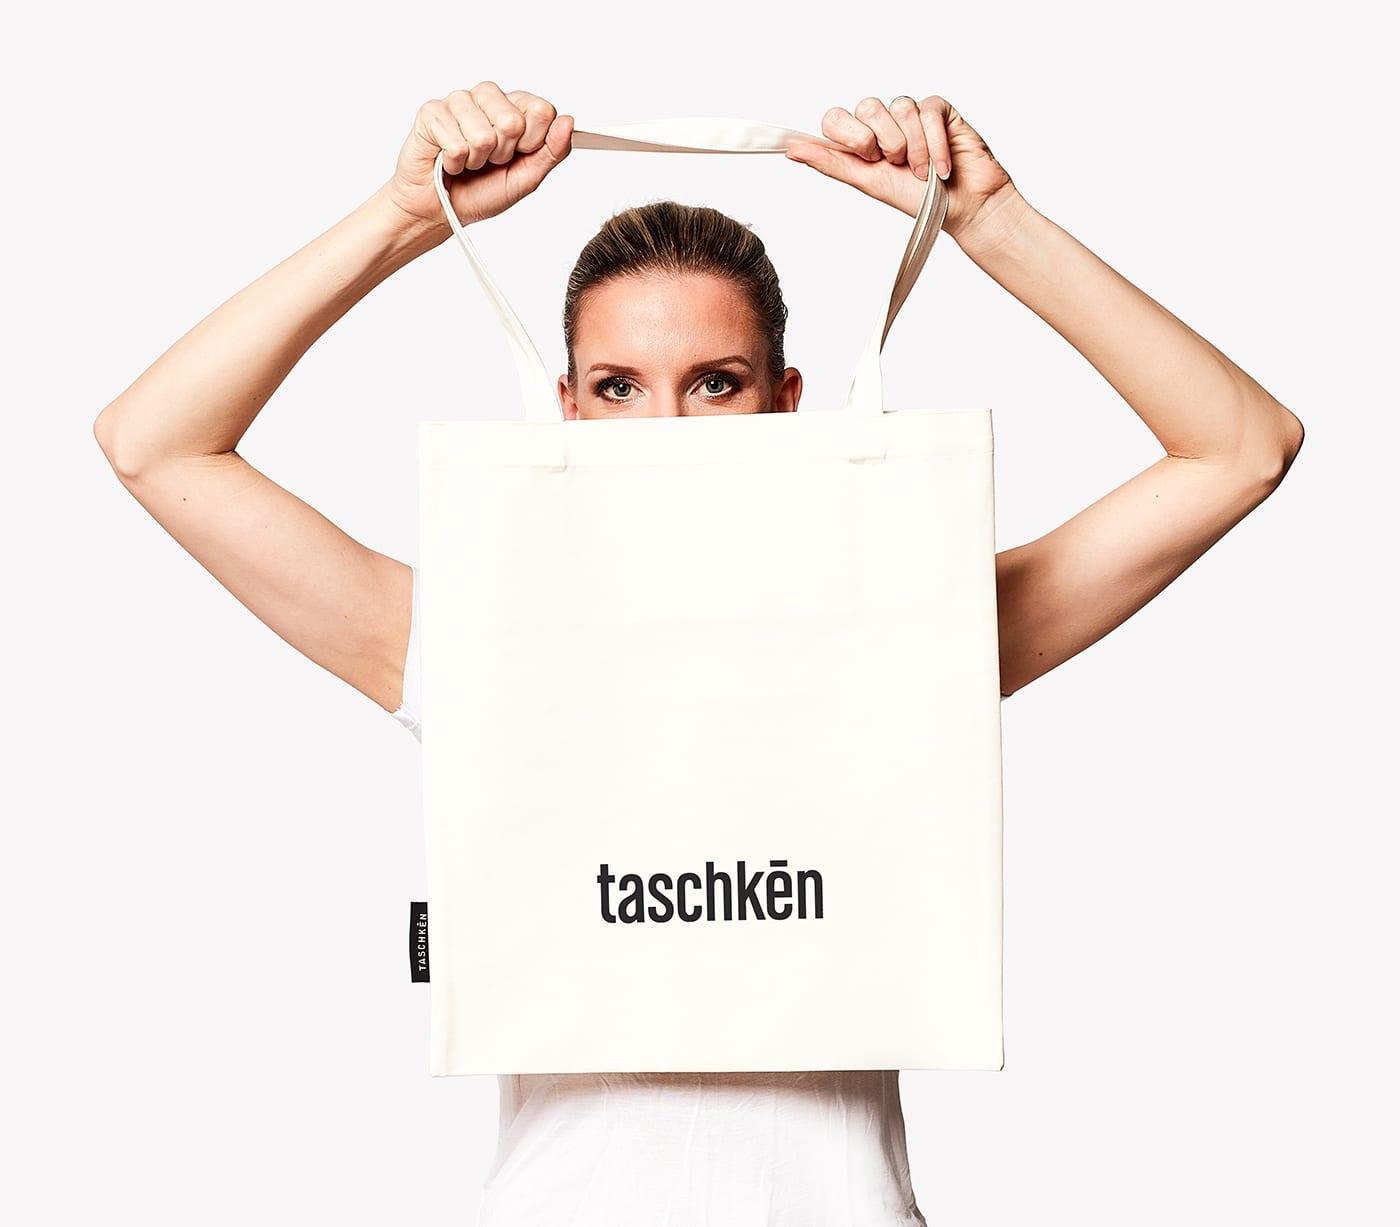 adela taschken bag2 - Taschkēn a Adela zachraňujú spoločne lesy – s taschkami